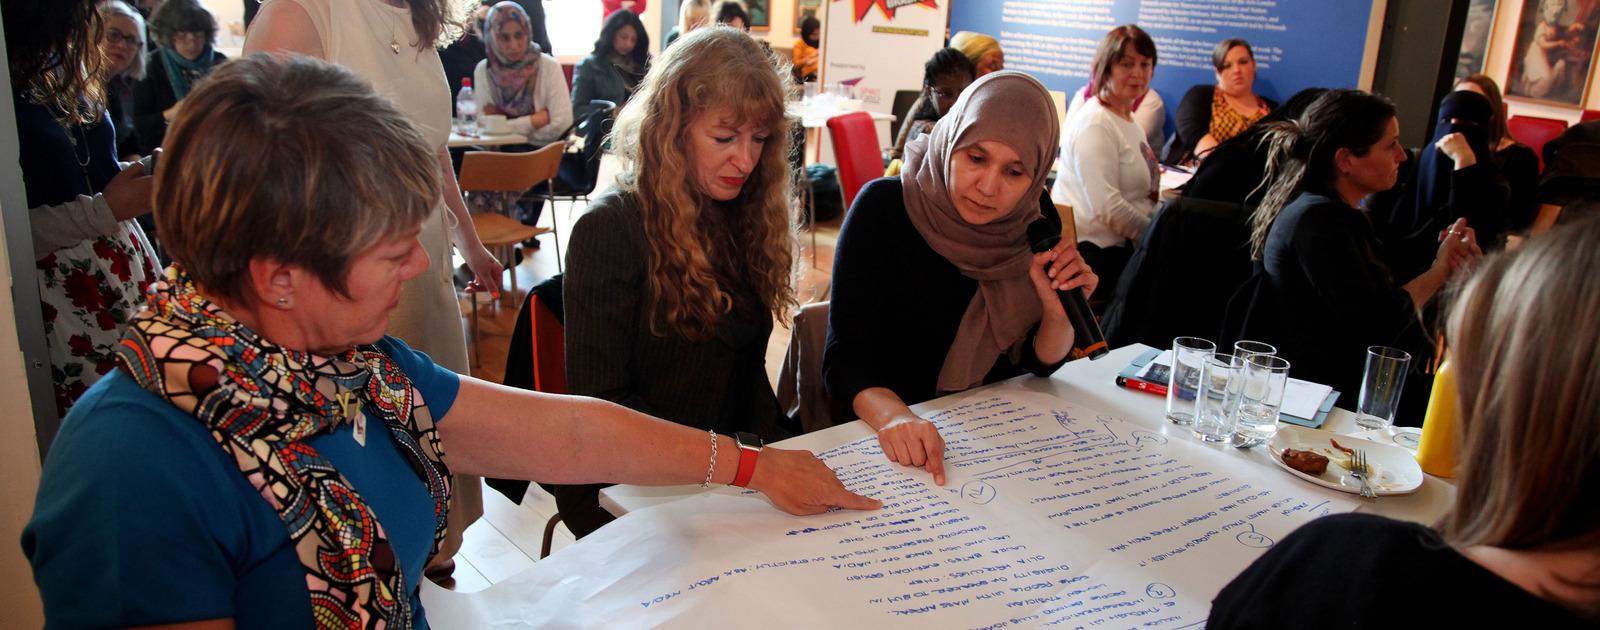 Women at Workshop